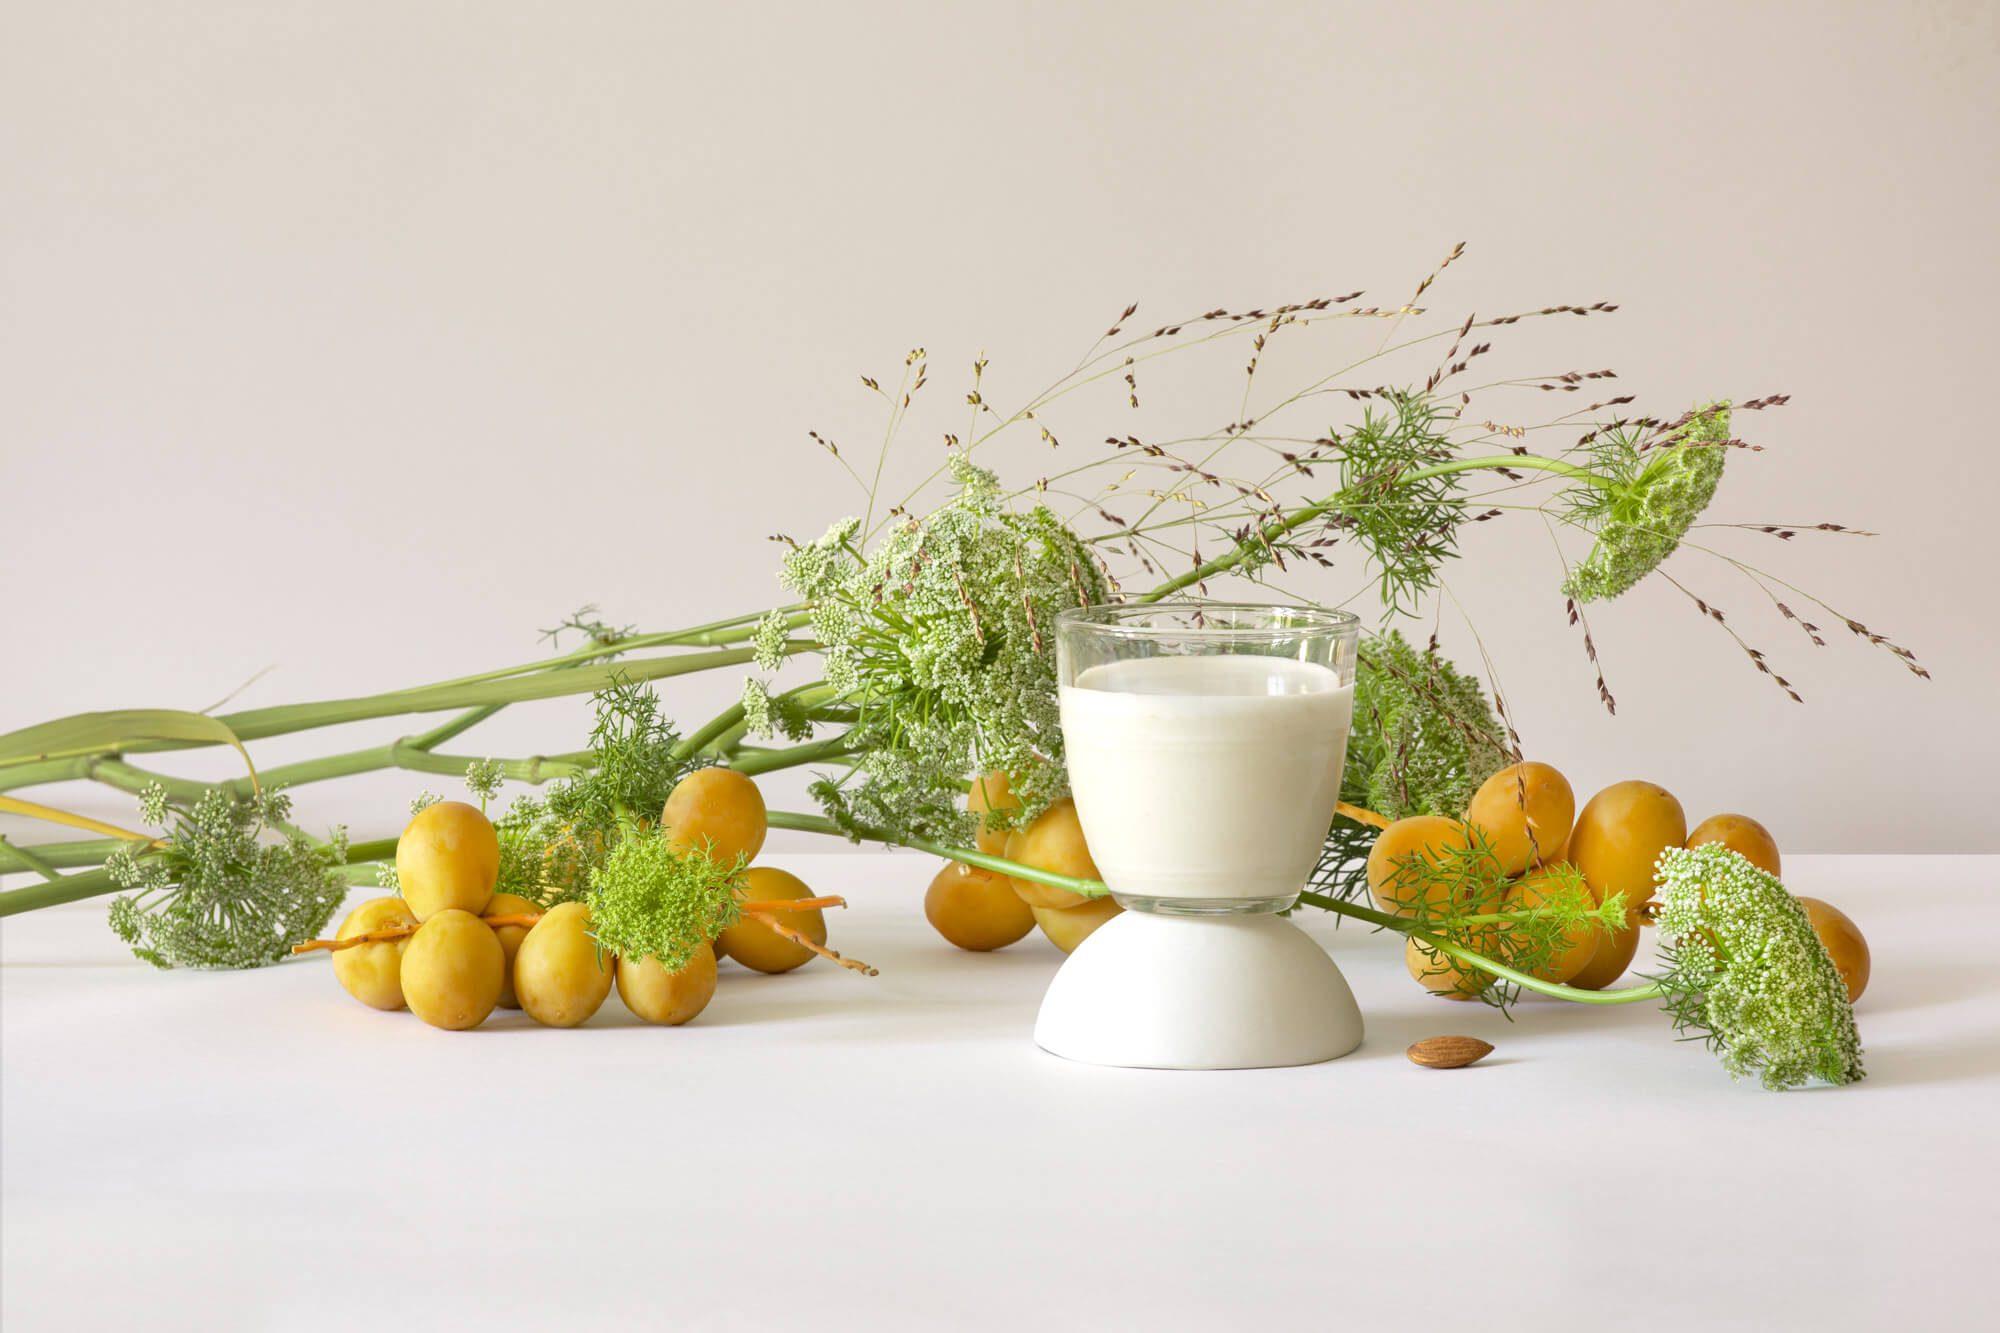 une nature morte minimaliste sur fond clair avec dattes fraiches laits infusés et plantes, le studio IchetKar fait équipe avec la photographe Virginie Perocheau